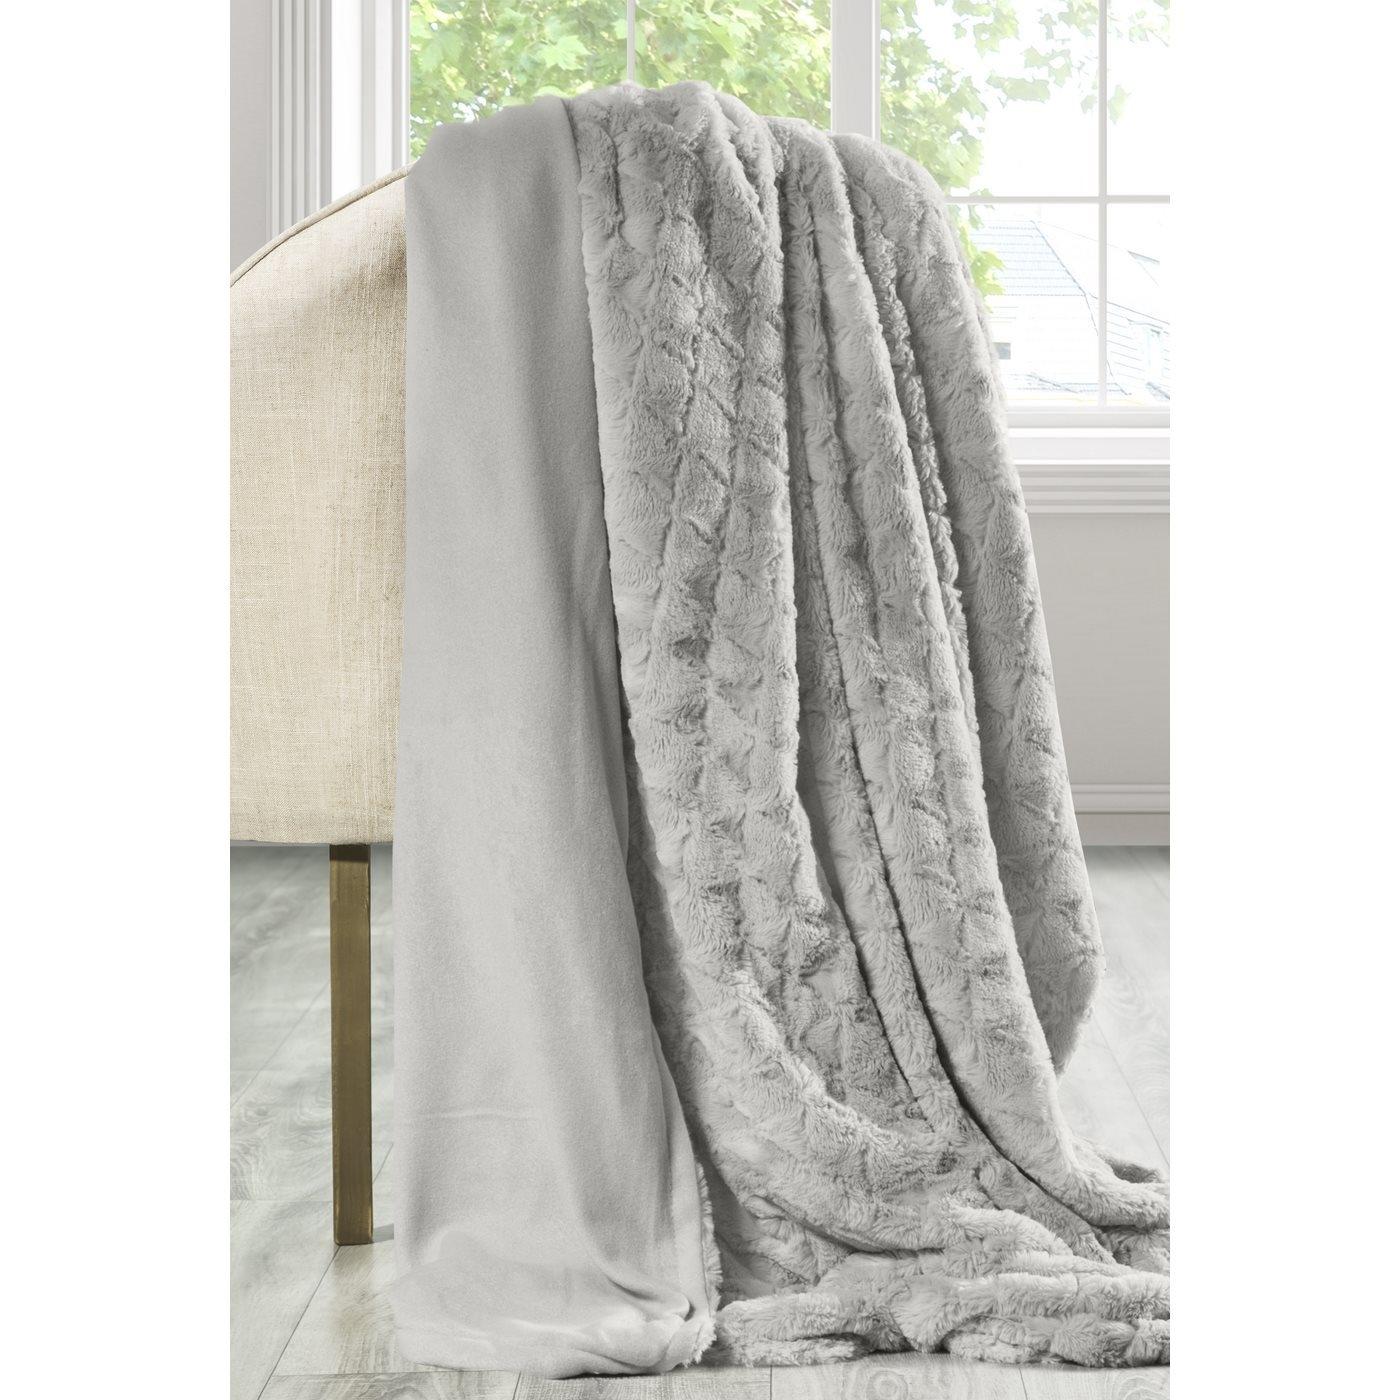 Patura din blana sintetica Andrea Grey 220 x 240 cm